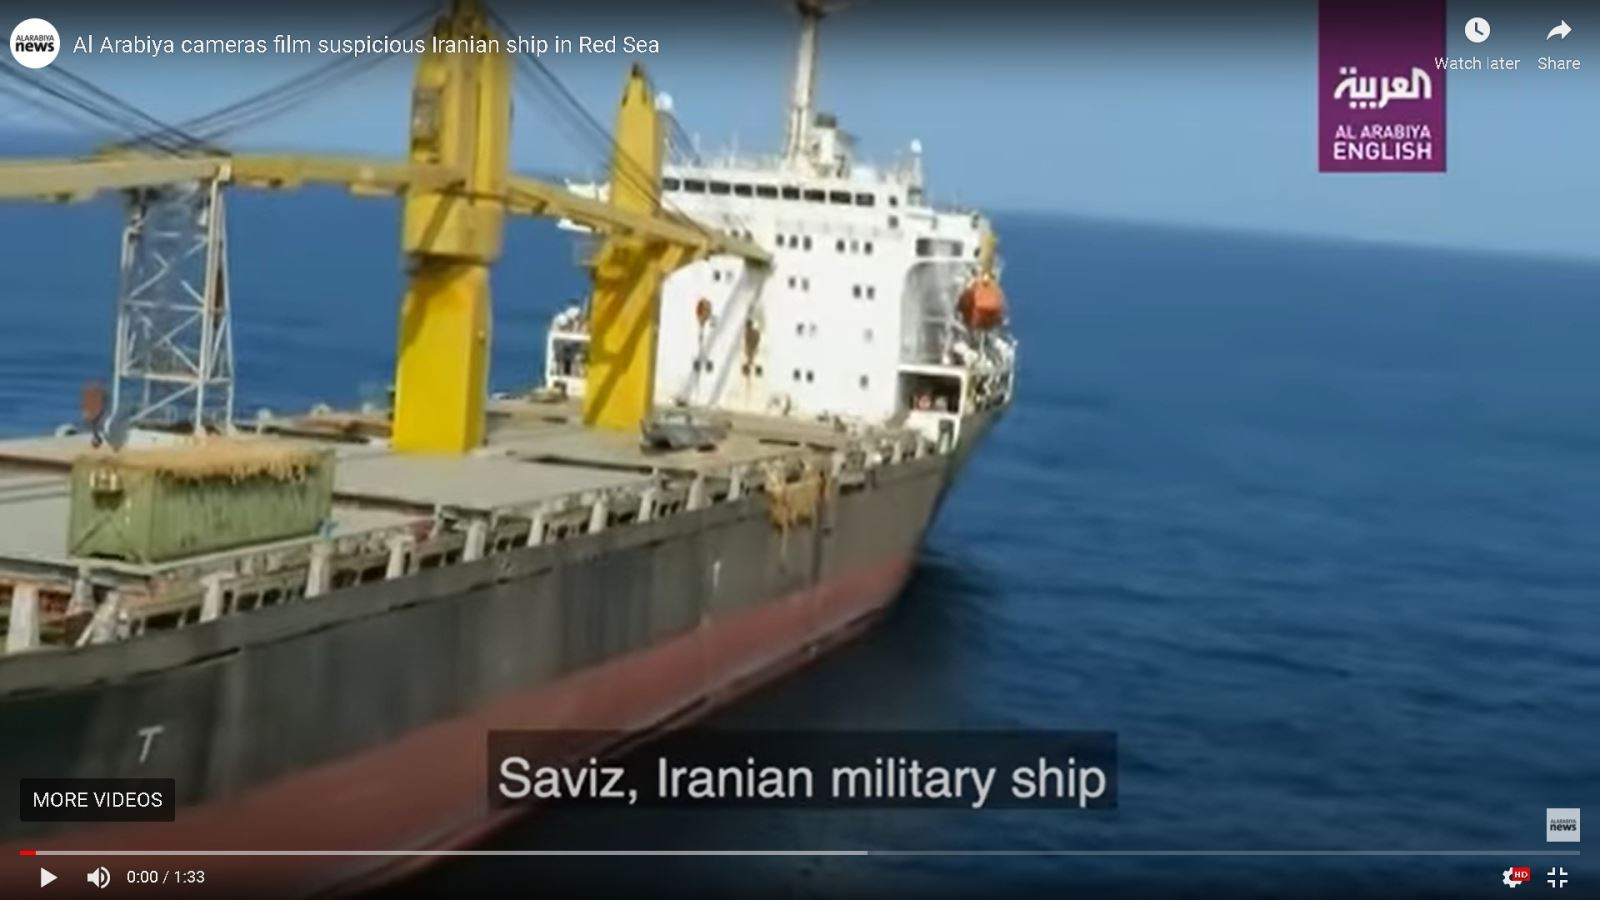 פחד אלוהים: המלחמה עם איראן מתקרבת לאילת